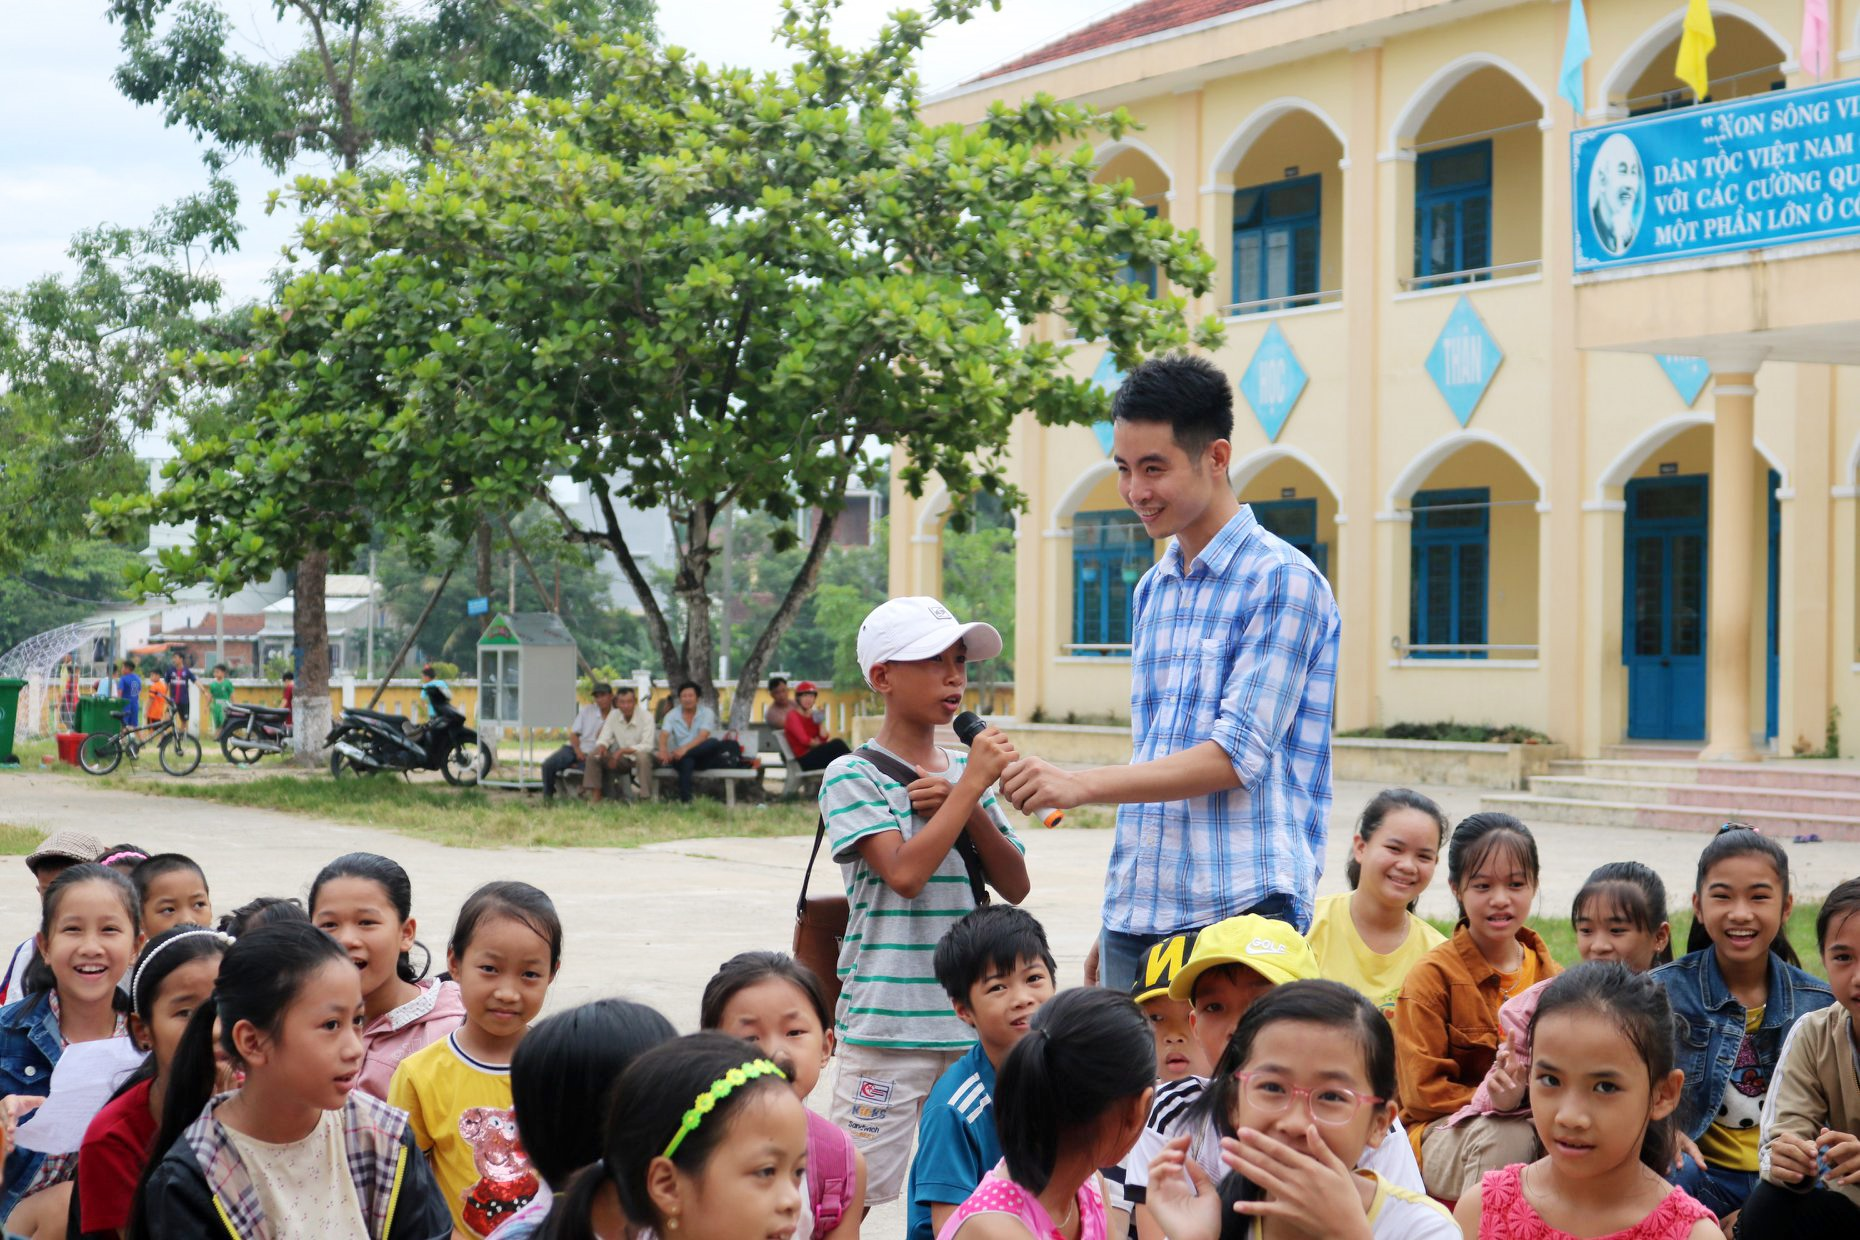 """Anh Bảo giao lưu với các em nhỏ trong một dịp khai giảng """"Lớp học miễn phí cho trẻ em nghèo"""". Ảnh: QUỐC BẢO"""